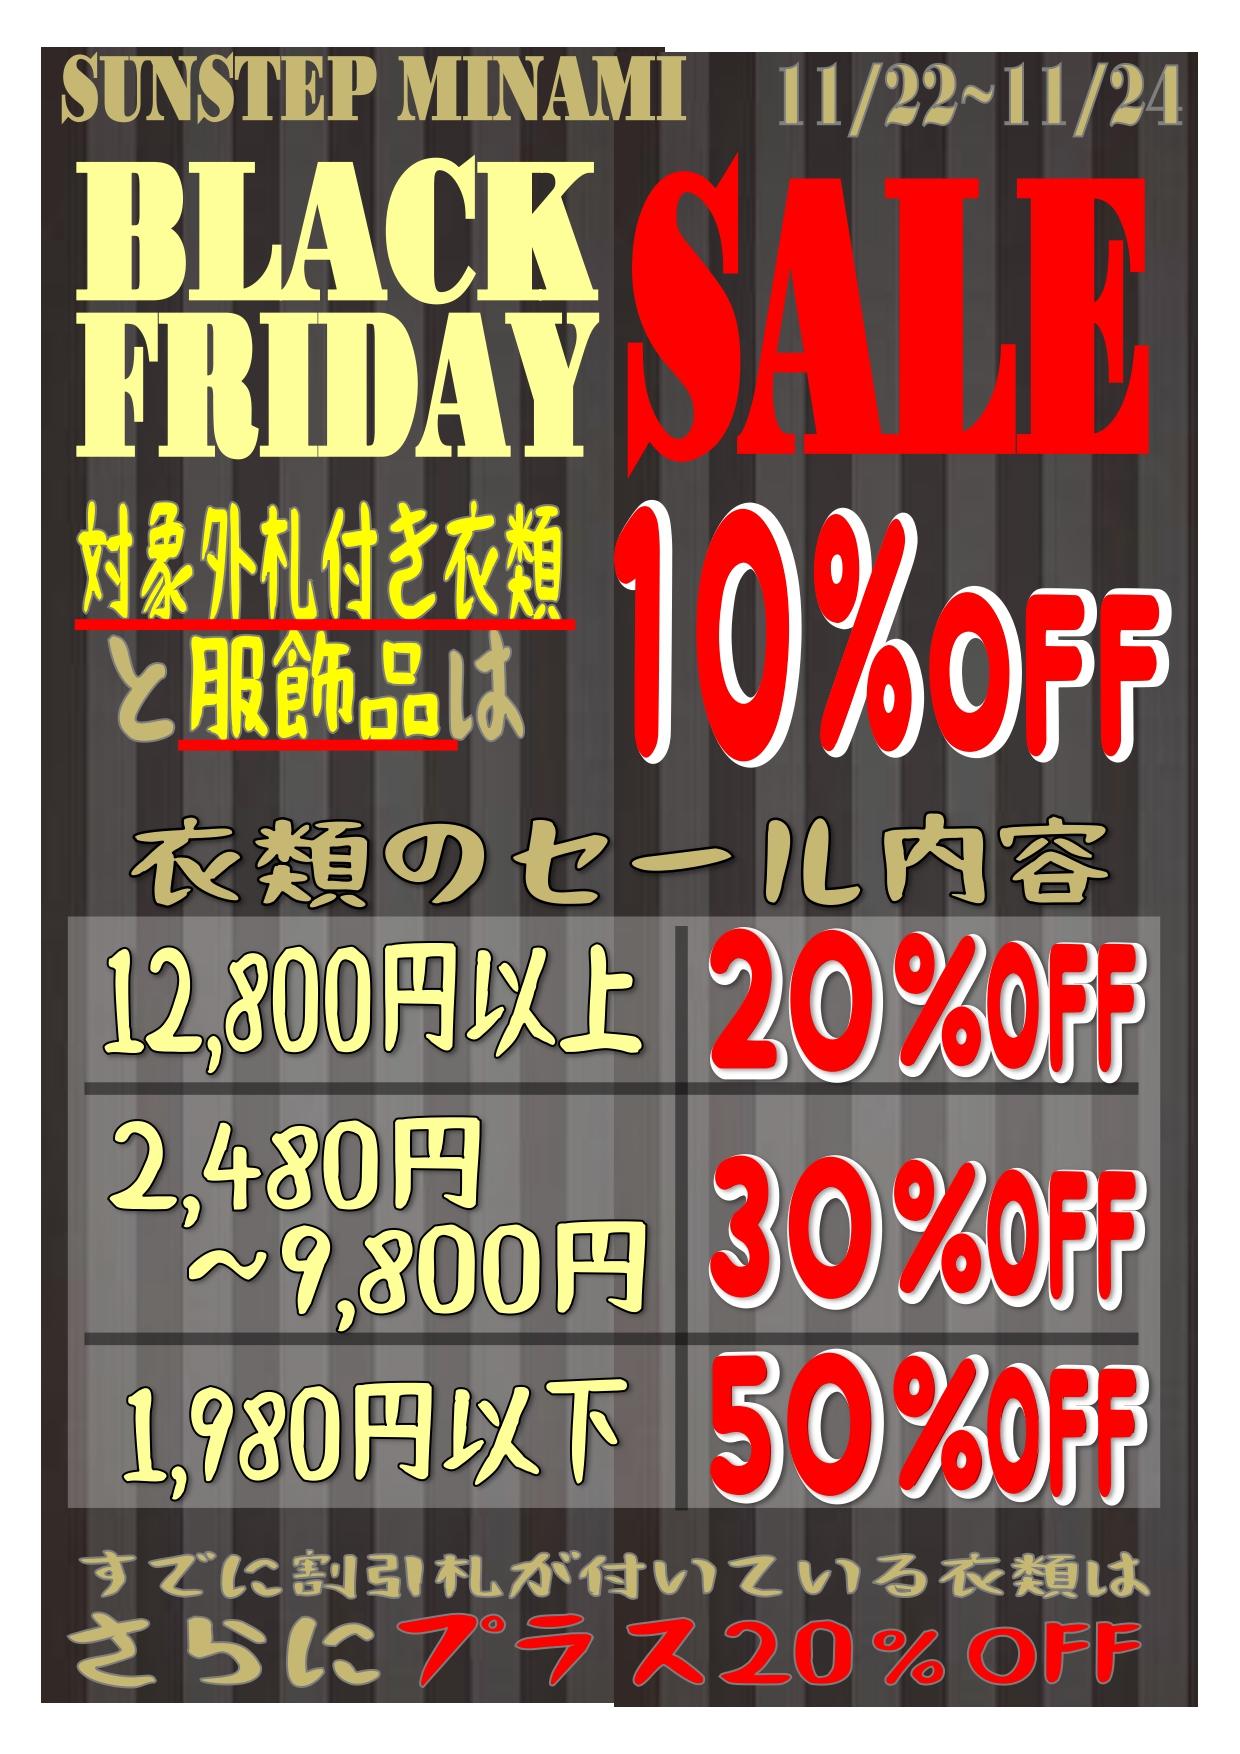 明日はブラックフライデー! サンステップ福井南店 メンズ専門店 福井のリサイクルショップ ブランド衣料買取